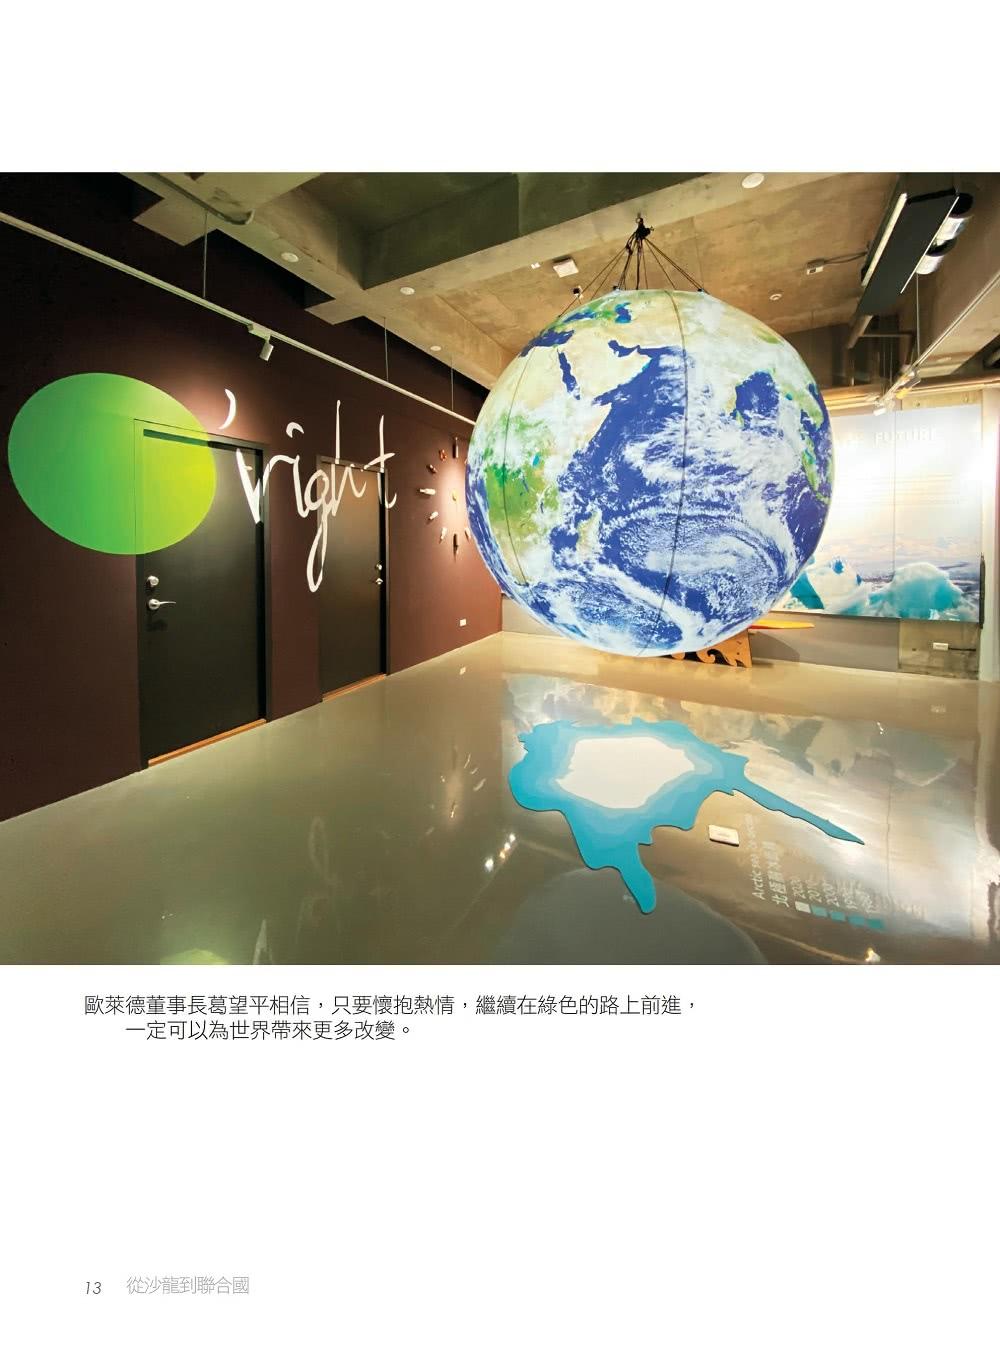 從沙龍到聯合國:歐萊德創辦人葛望平的綠色模式